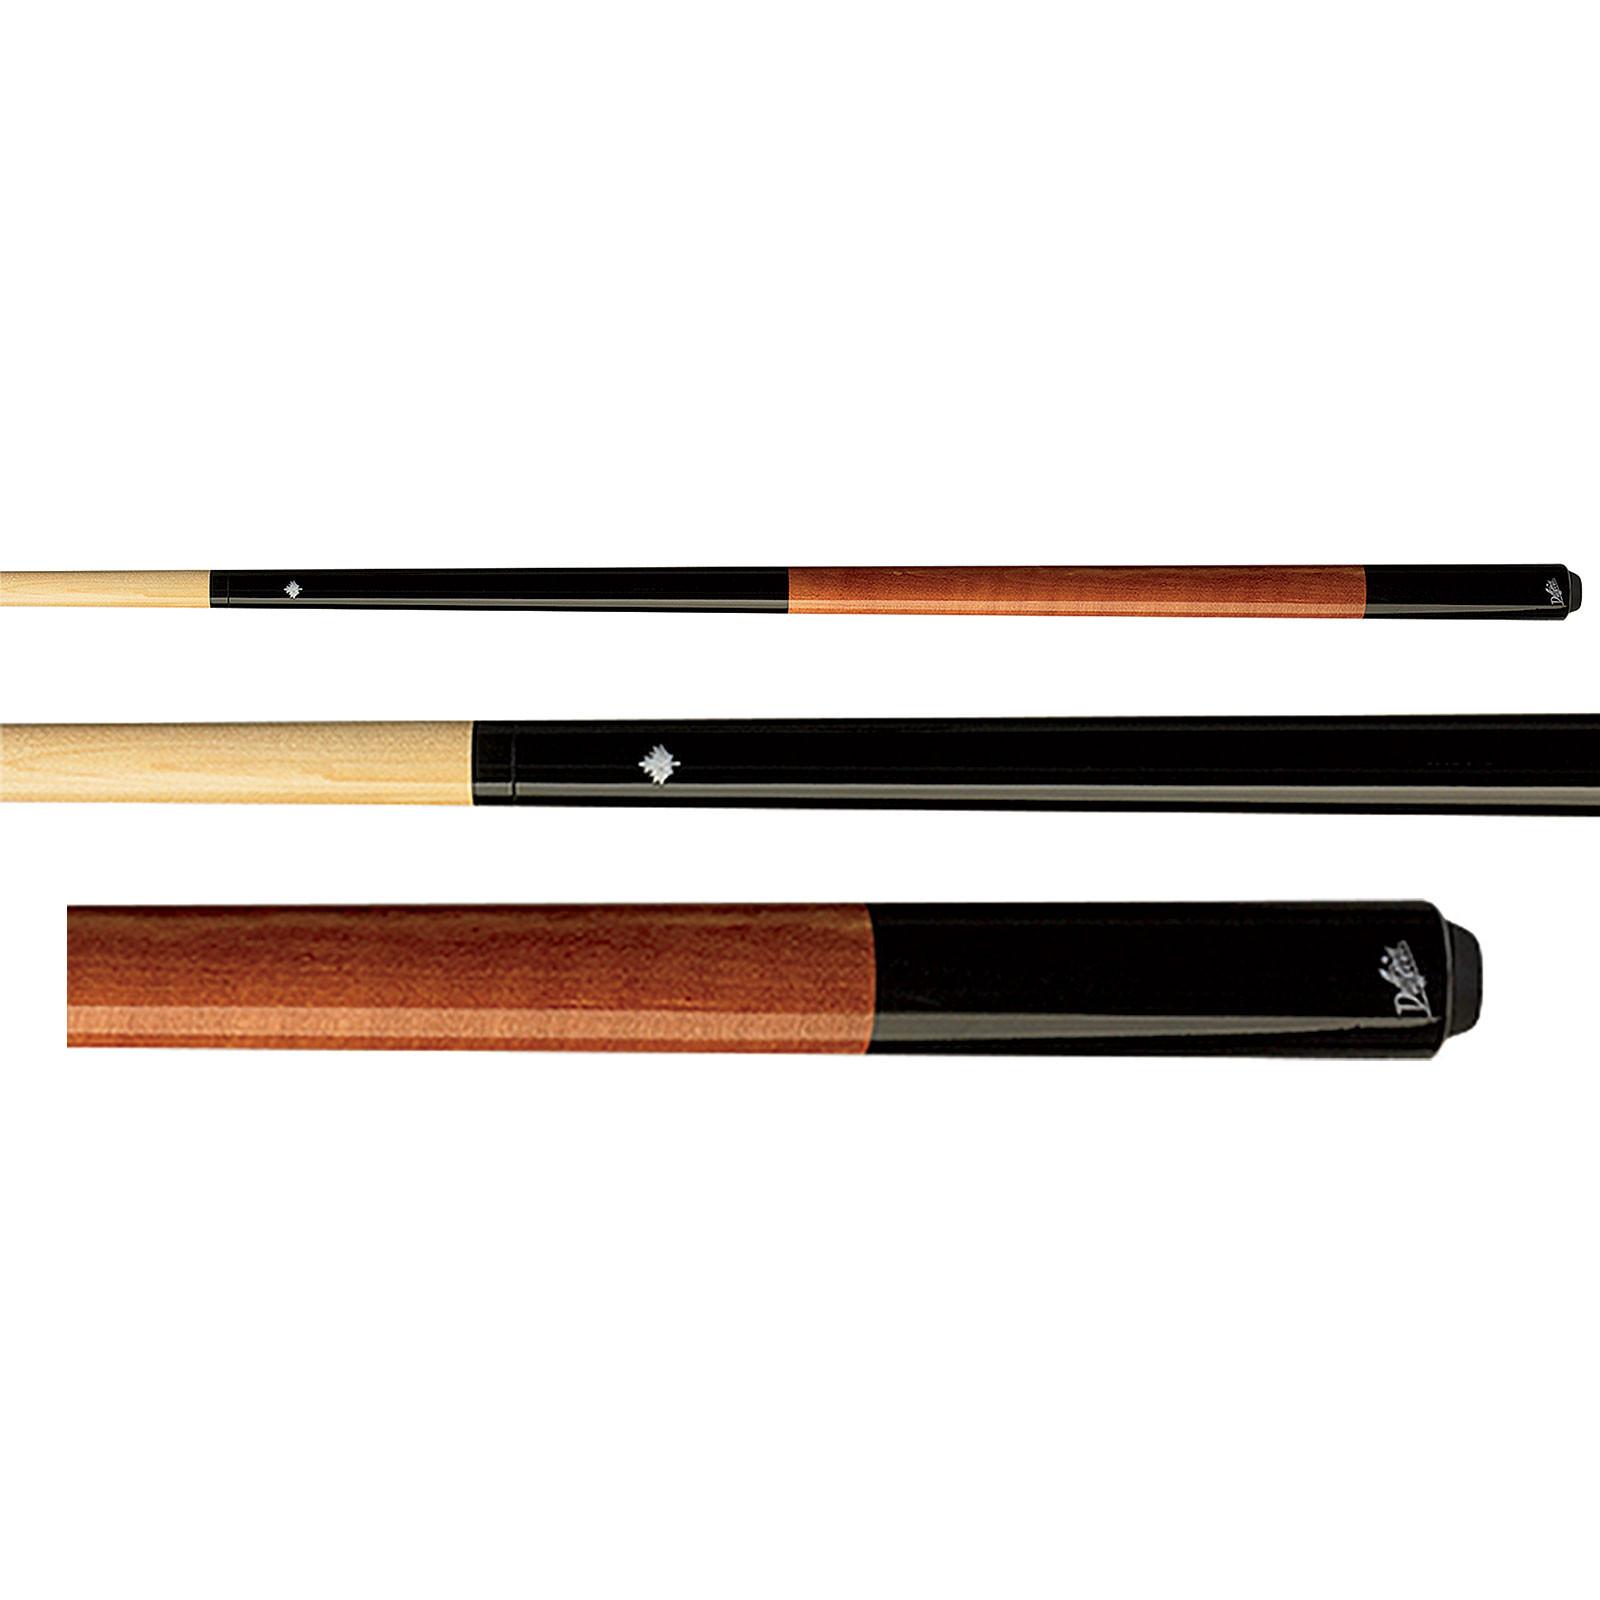 Dufferin D-233 Midnight Black Pool Cue Stick